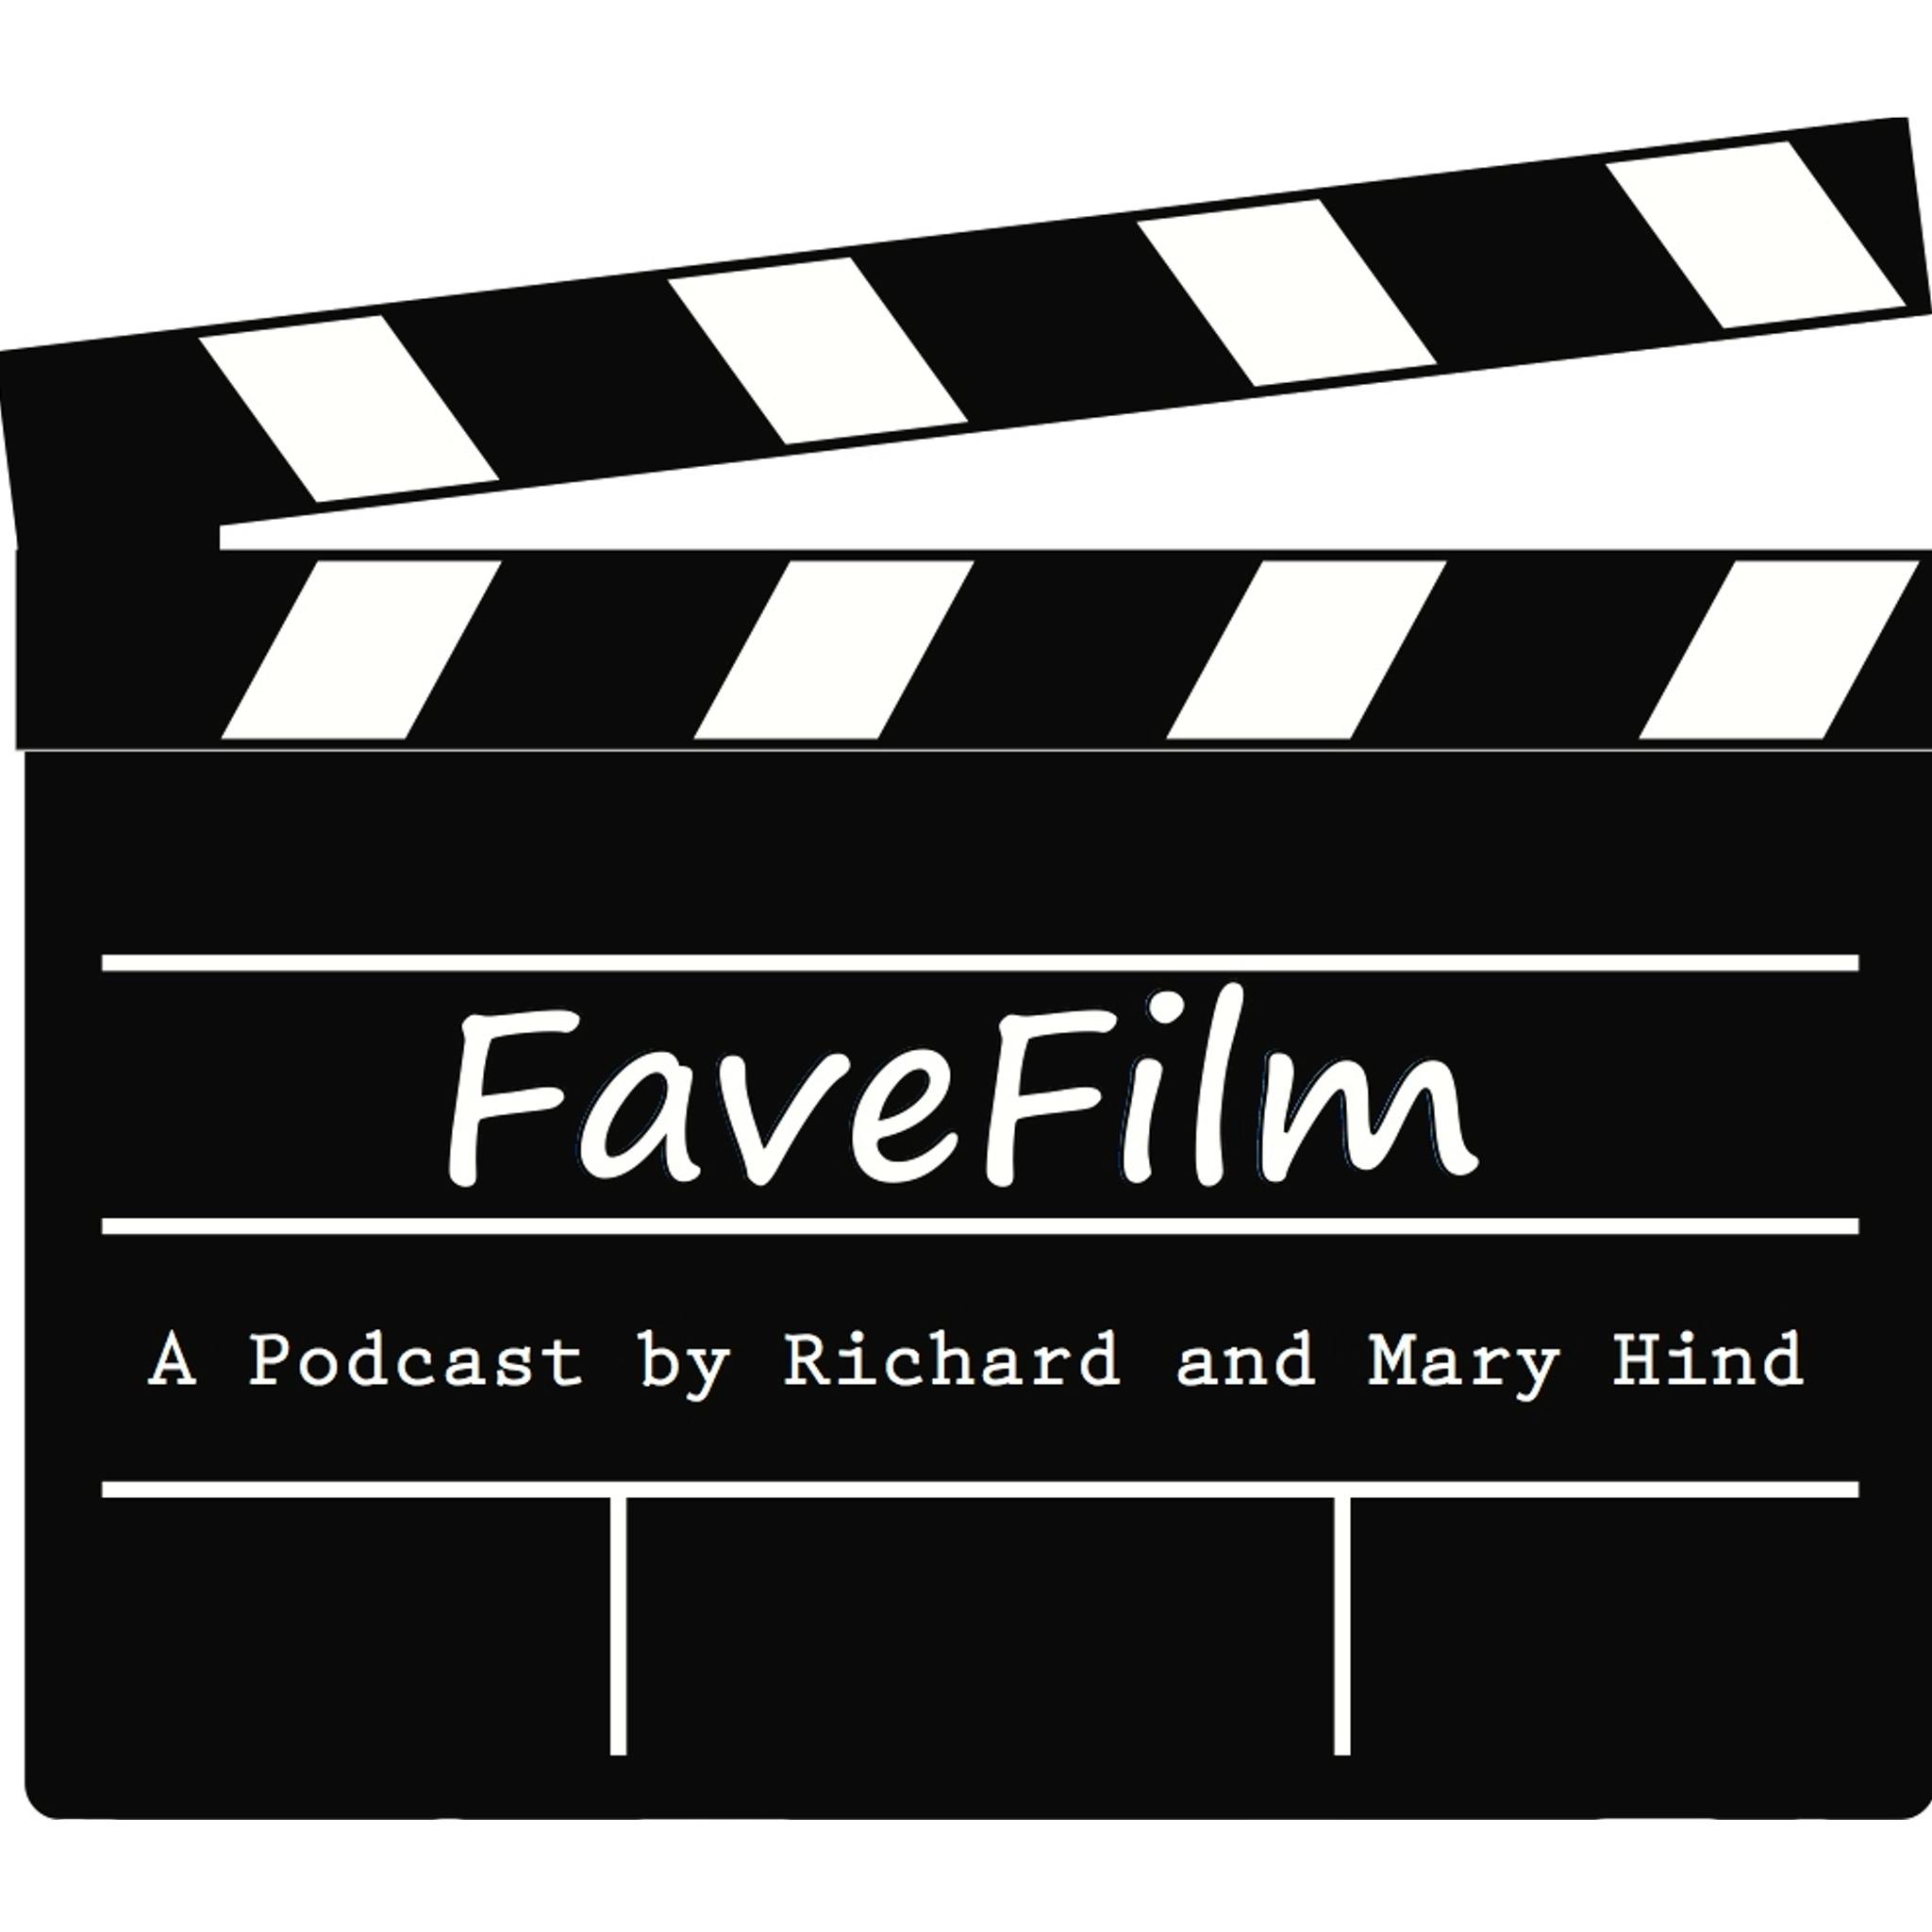 FaveFilm Podcast show art